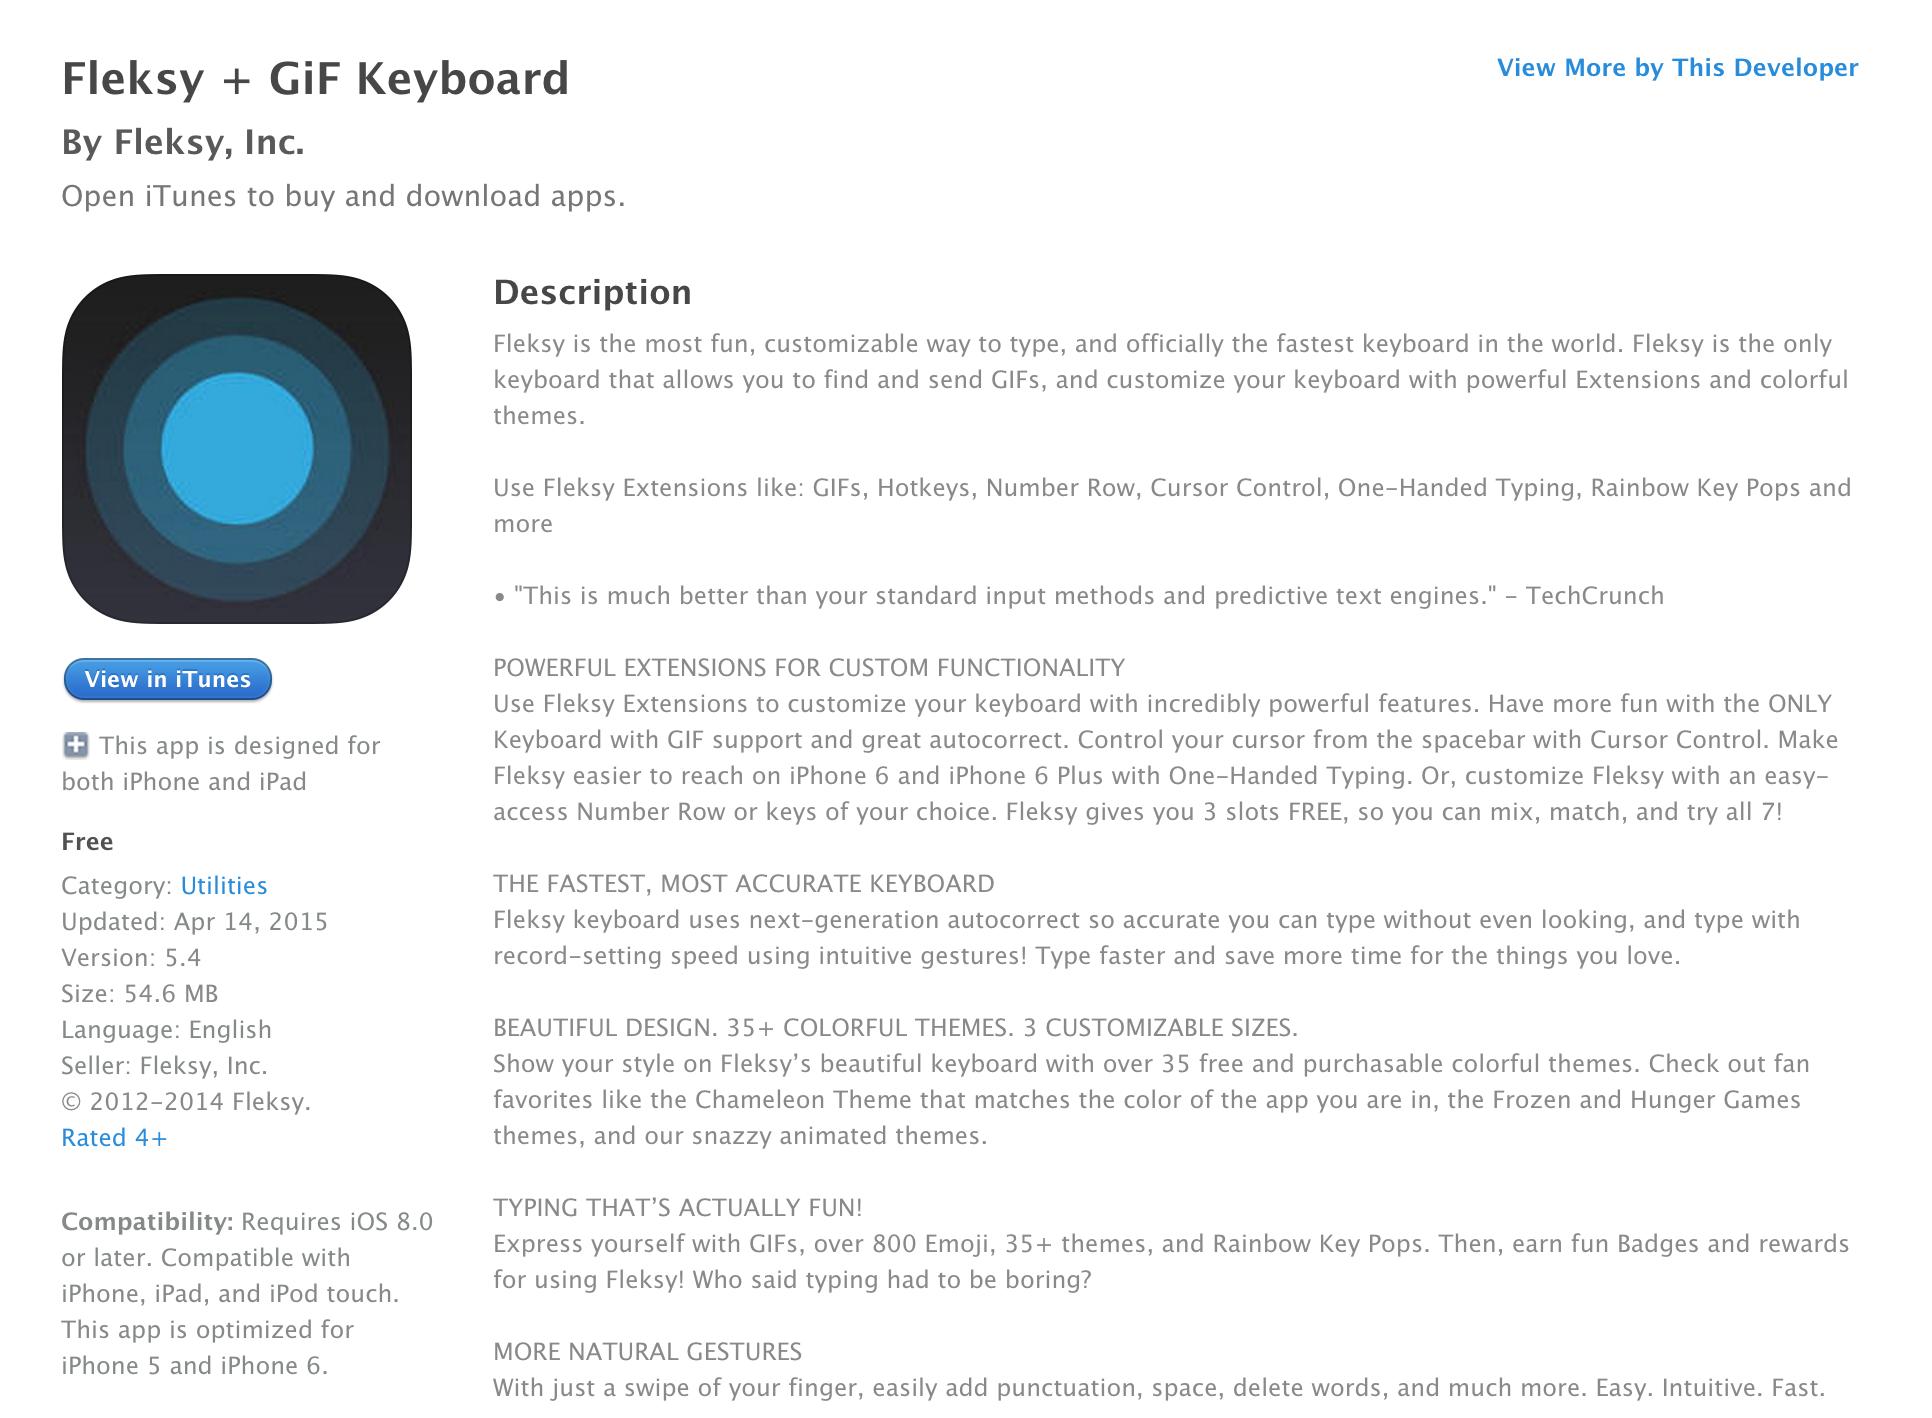 Fleksy customizable keyboard app w/ GIF support goes free